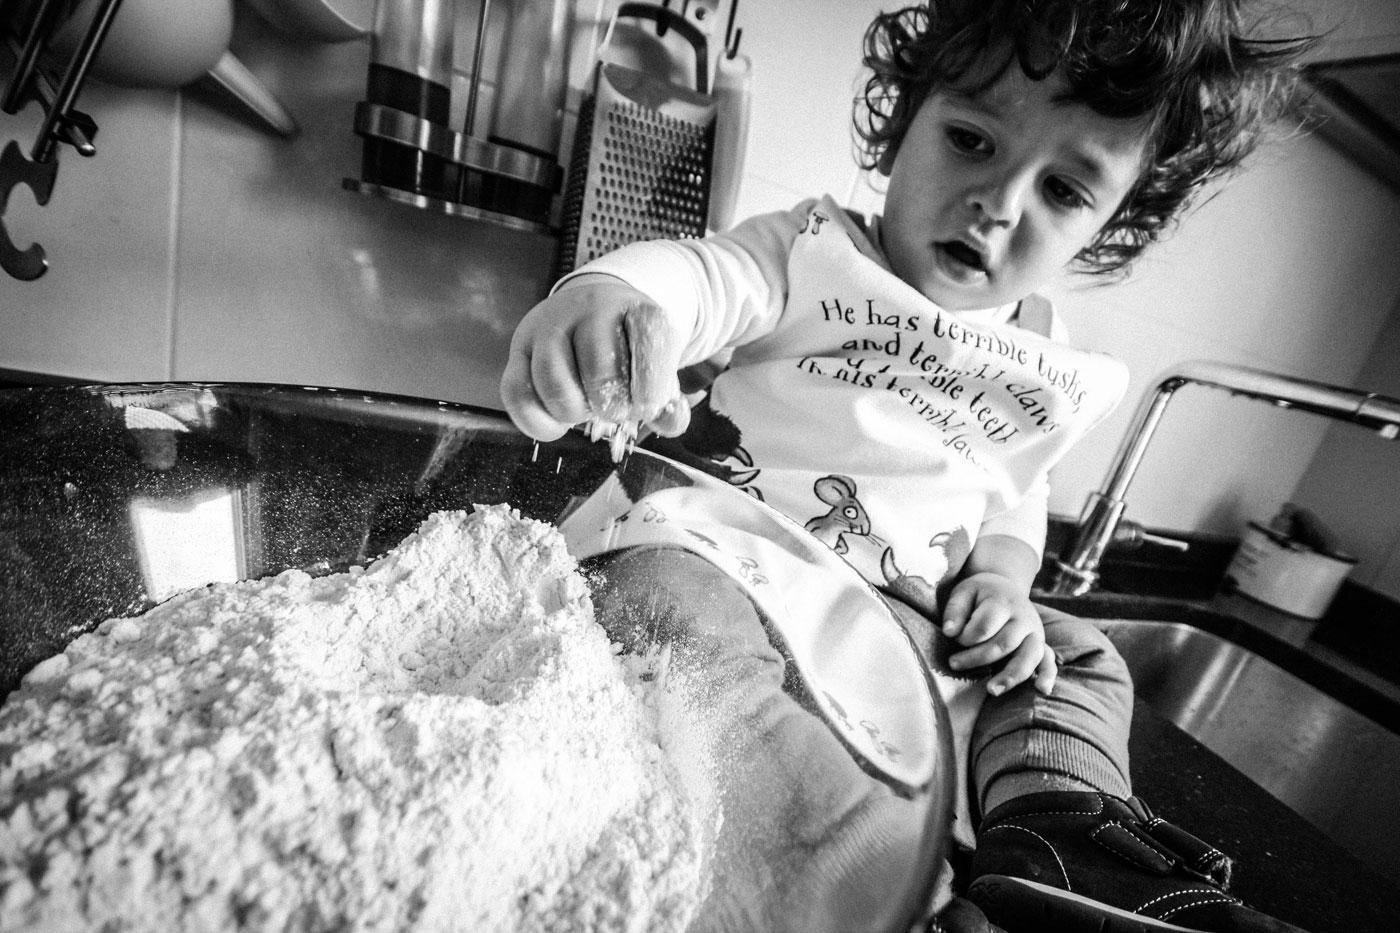 foto de un niño jugando con la harina para hacer pizza